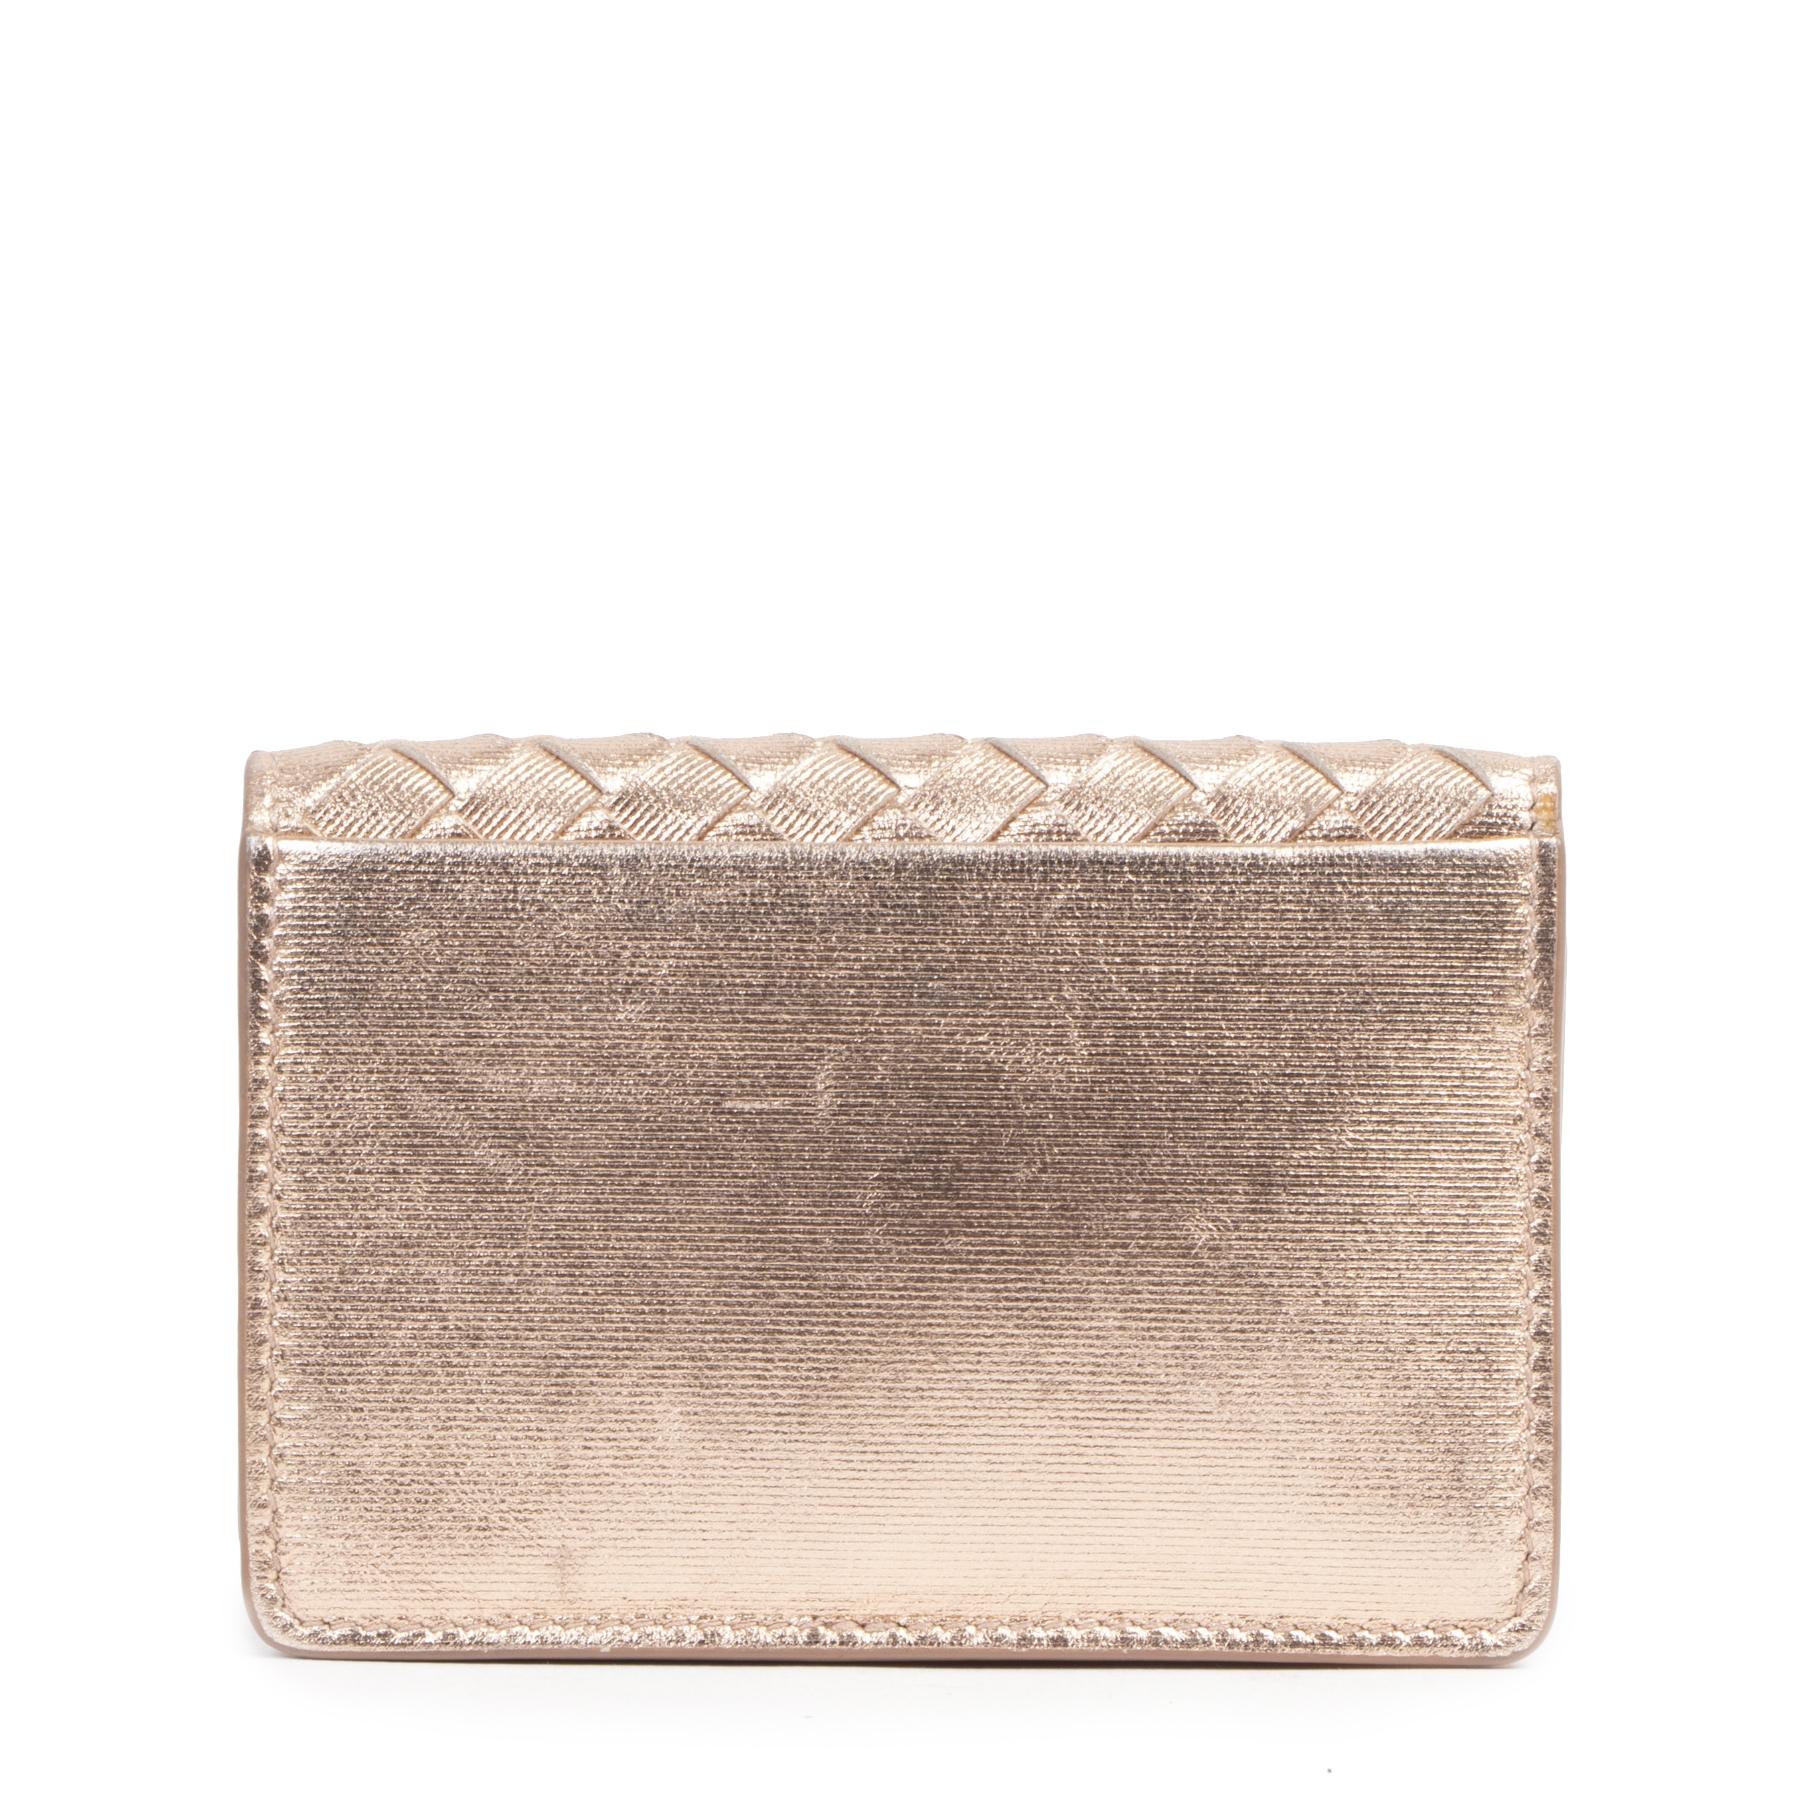 Authentieke Tweedehands Bottega Veneta Rose Gold Leather Card Holder juiste prijs veilig online shoppen luxe merken webshop winkelen Antwerpen België mode fashion